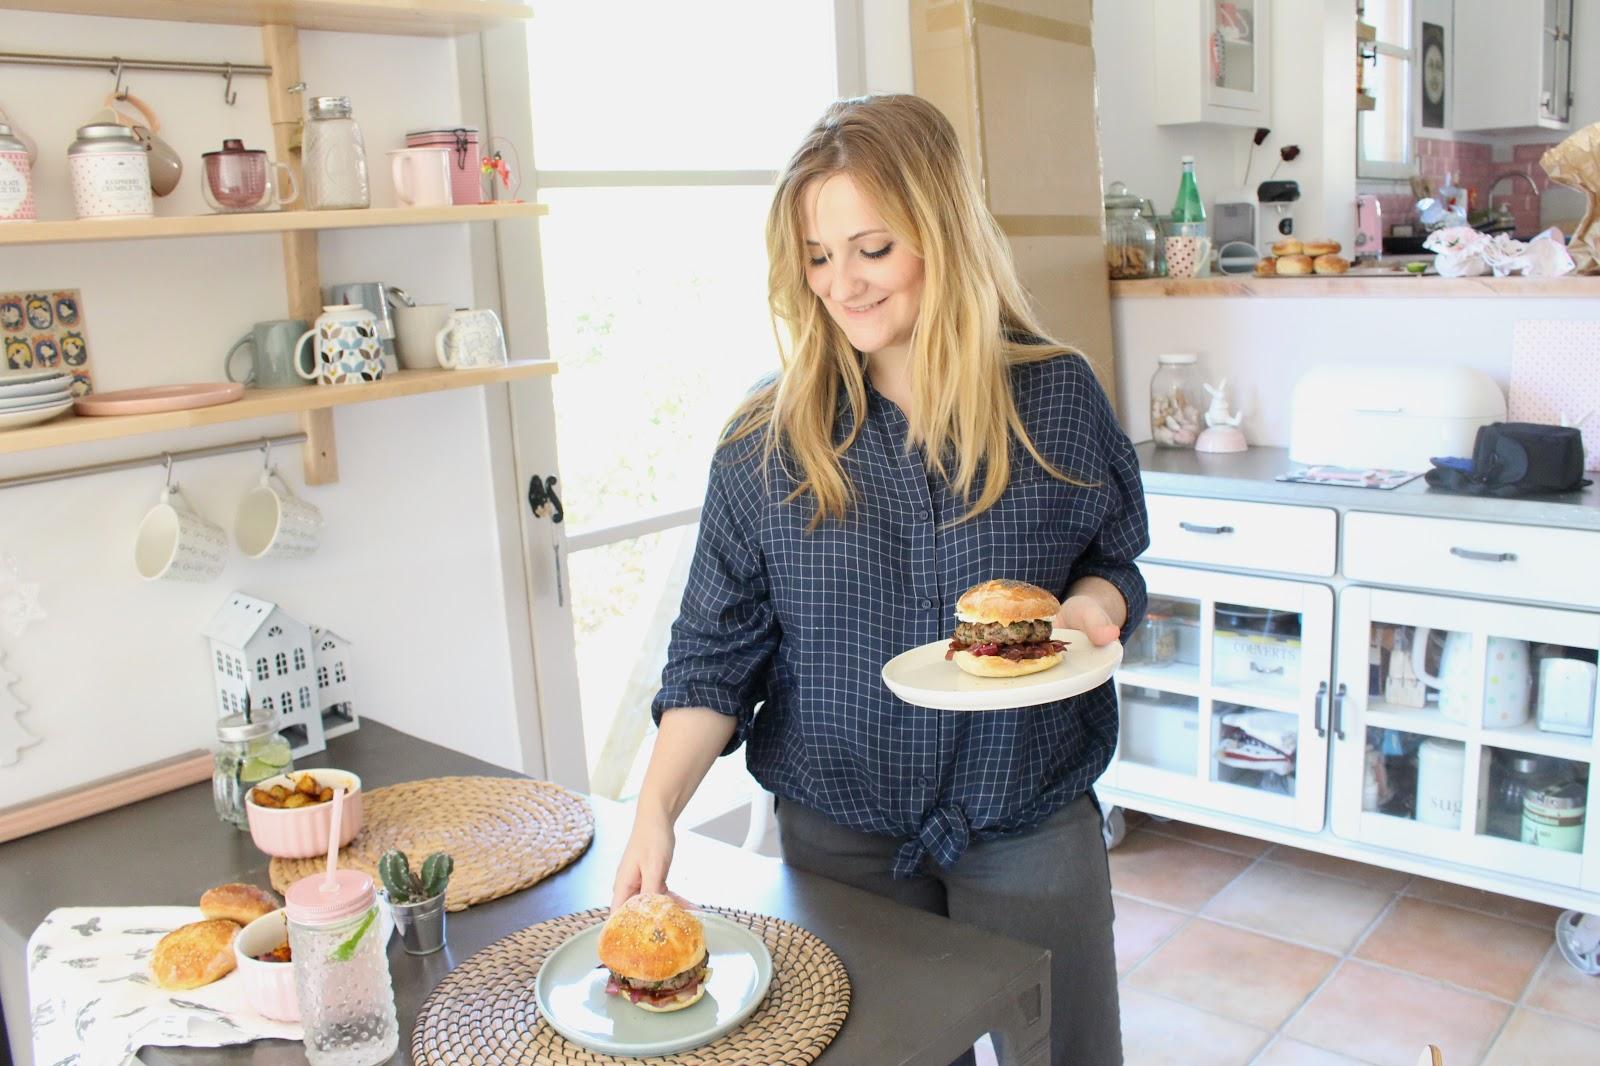 burger de blogueuse avec days of camille madeleine bicyclette. Black Bedroom Furniture Sets. Home Design Ideas